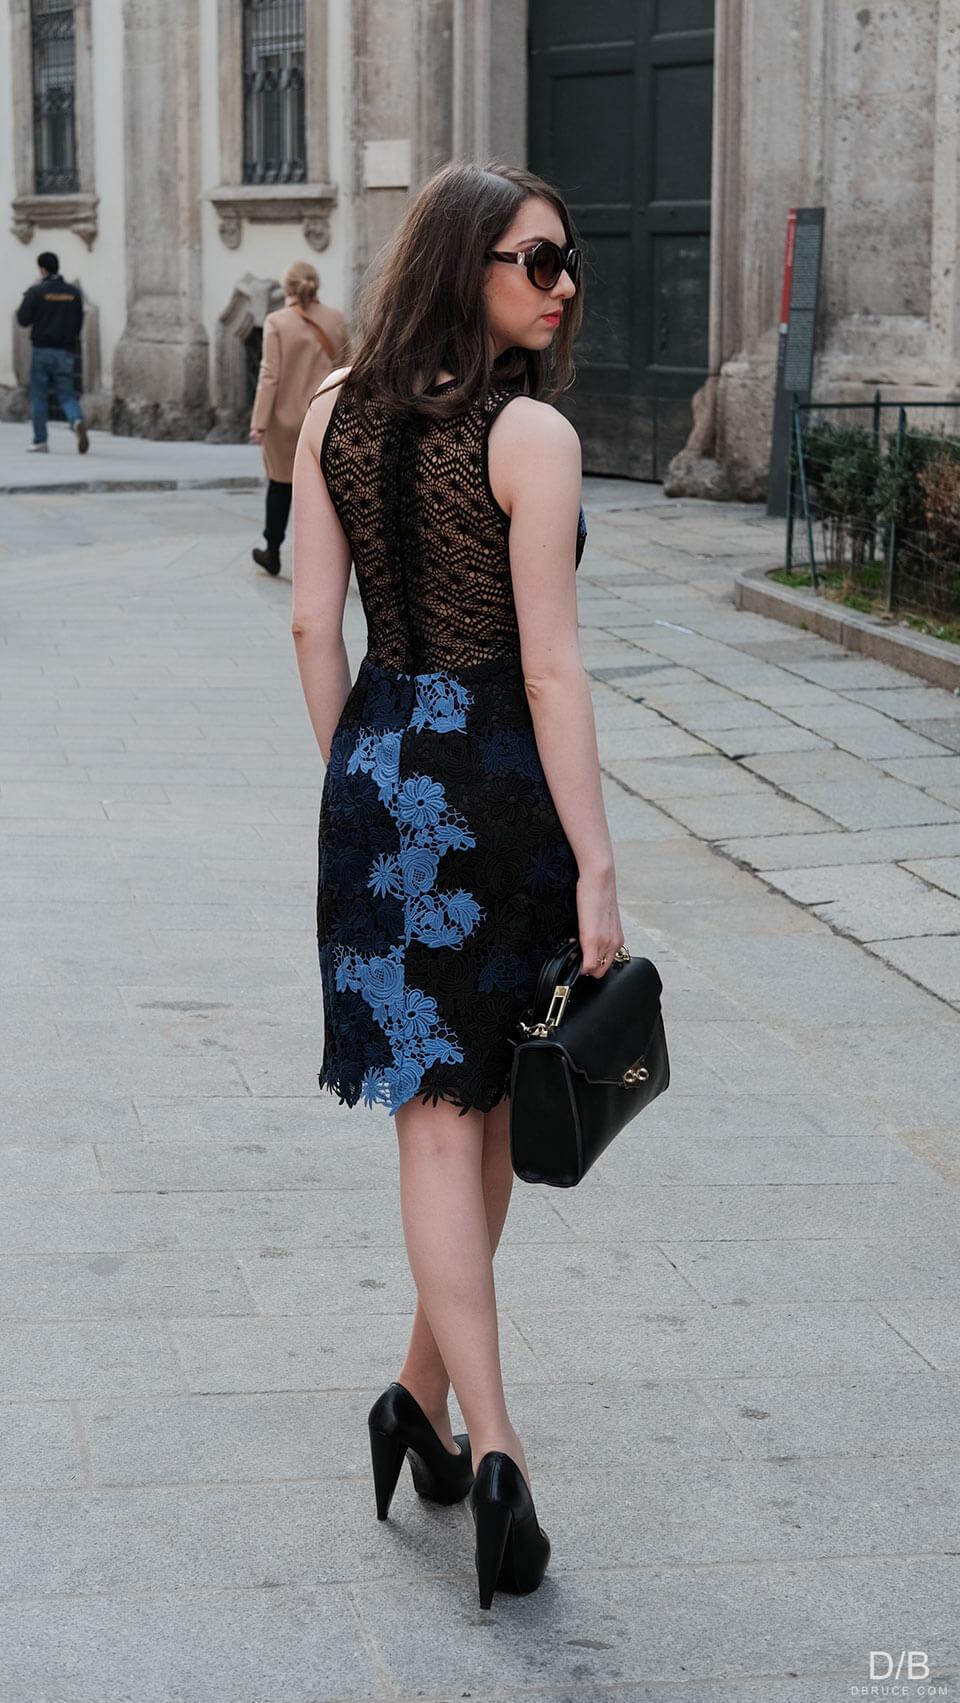 Vestido floral de guipir de costas - Manu Luize